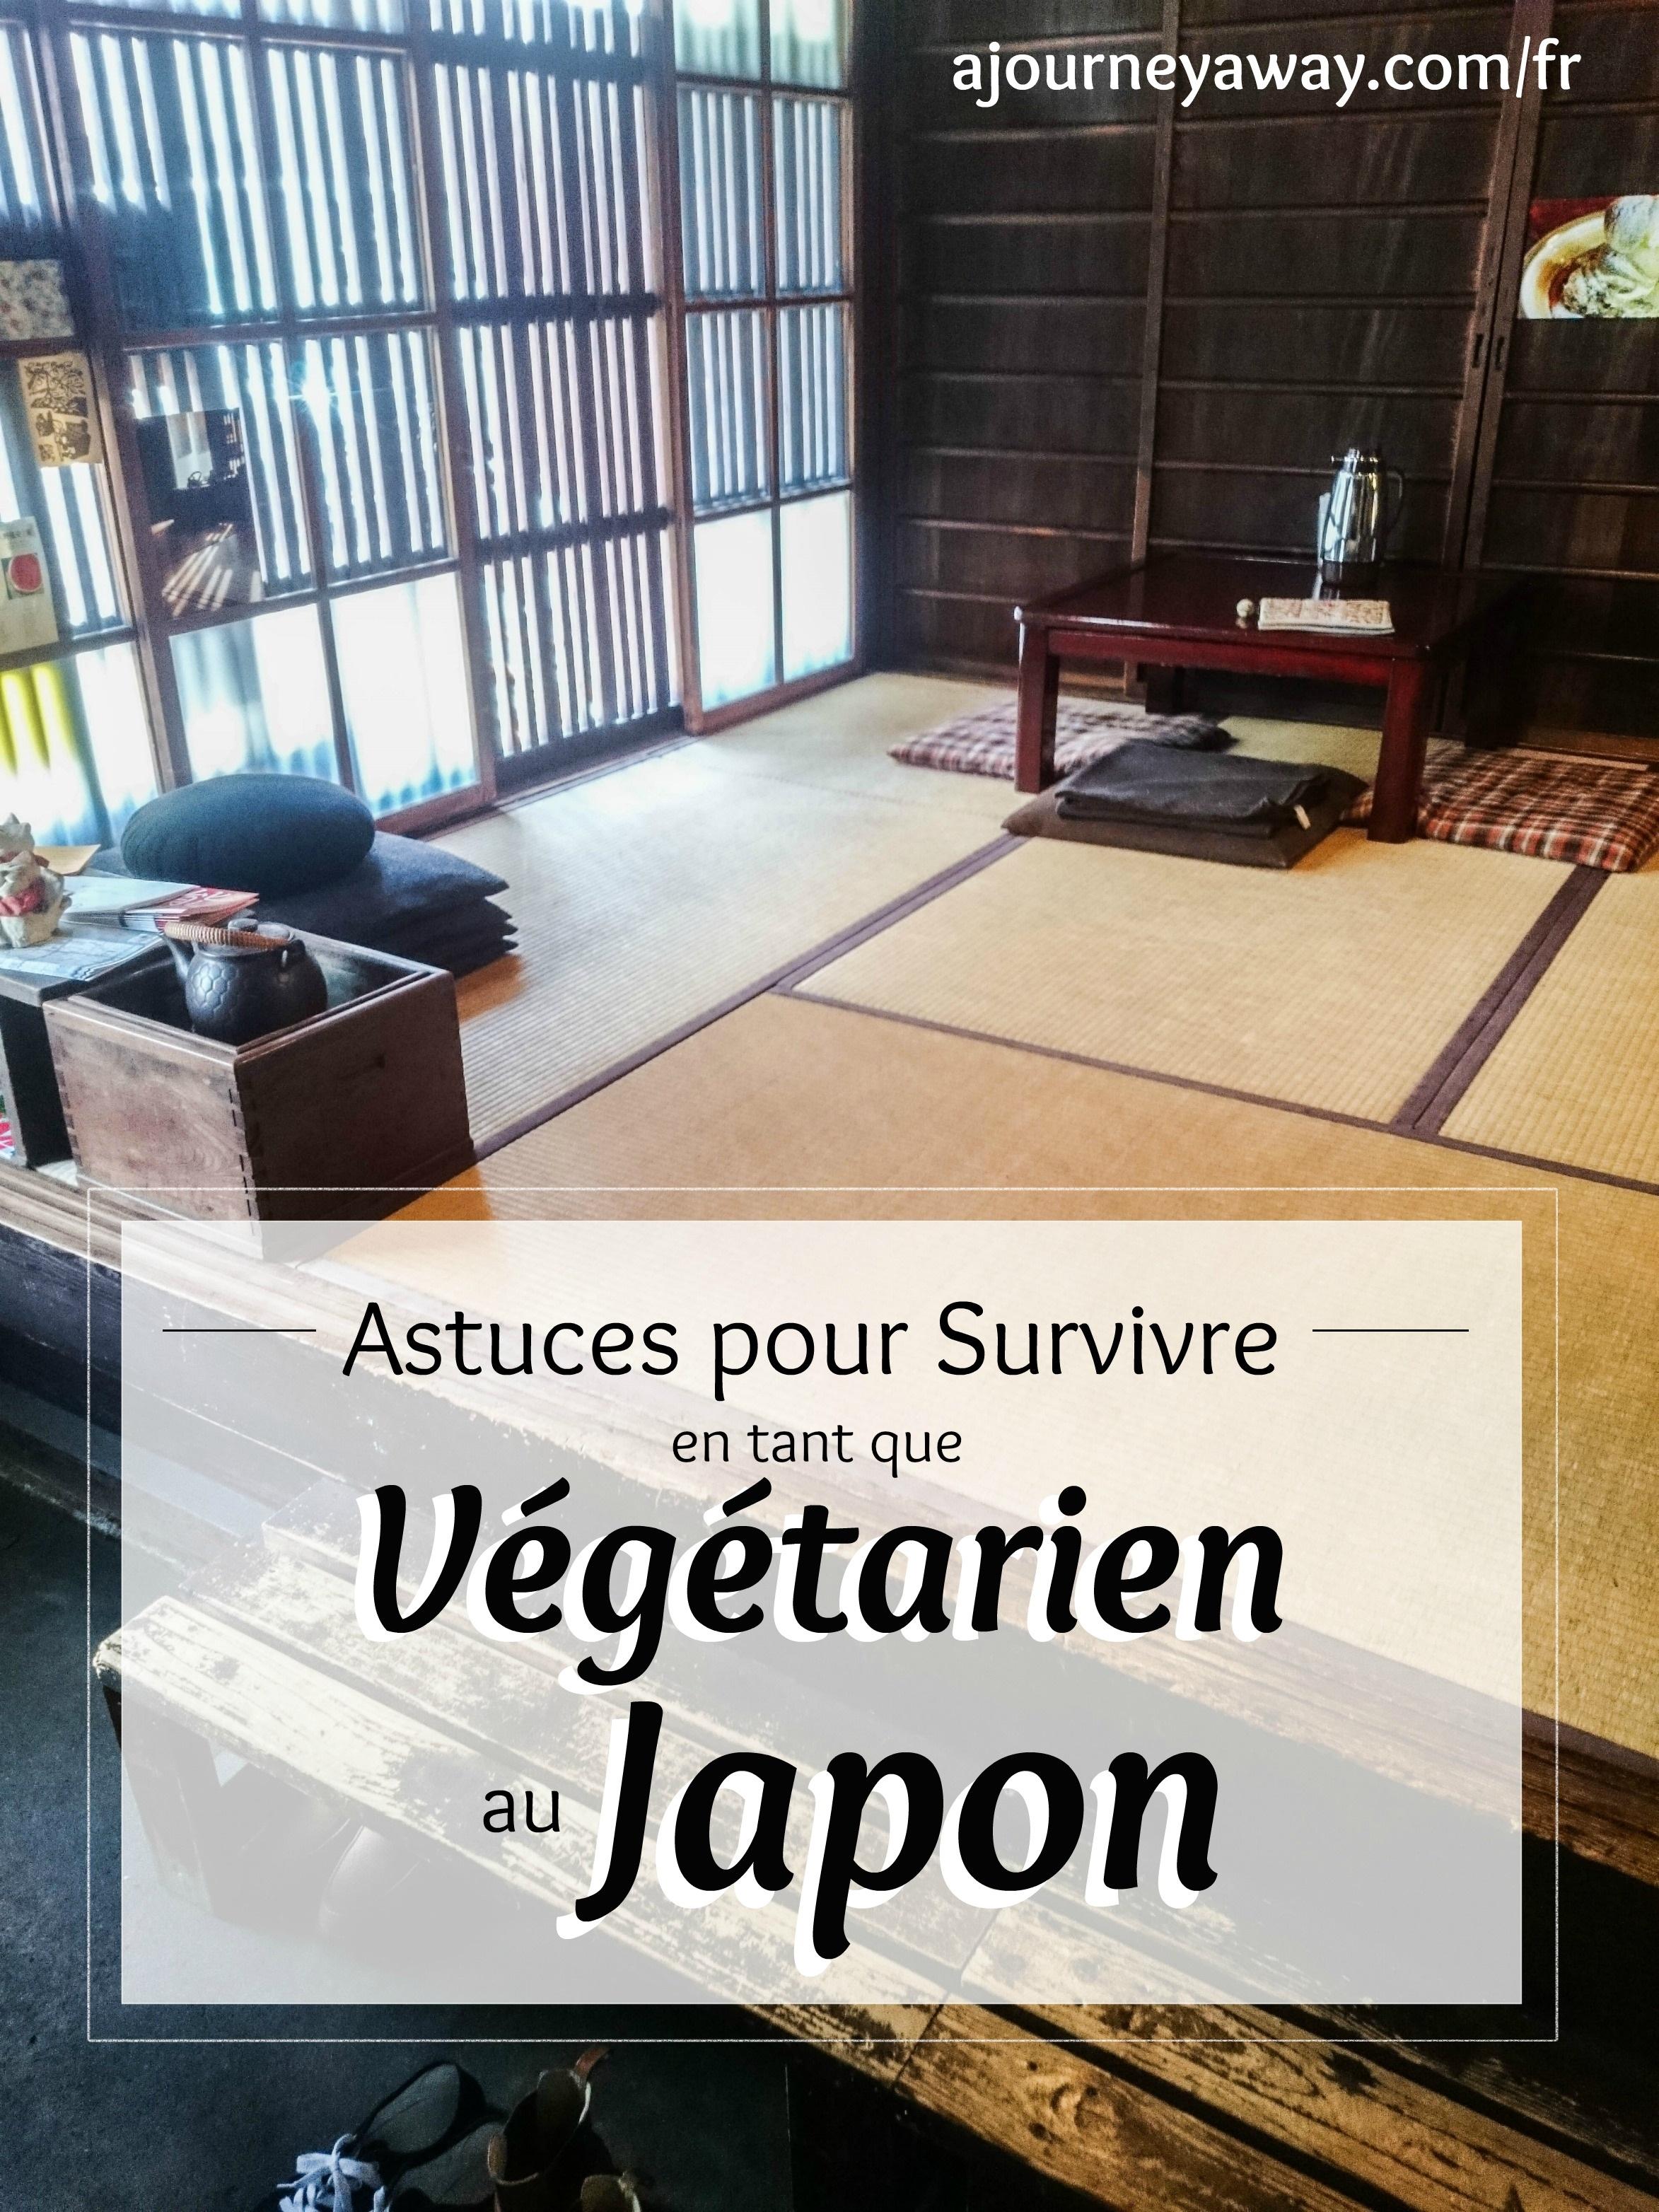 Conseils pour survivre en tant que végétarien au Japon | Blog de voyage A Journey Away